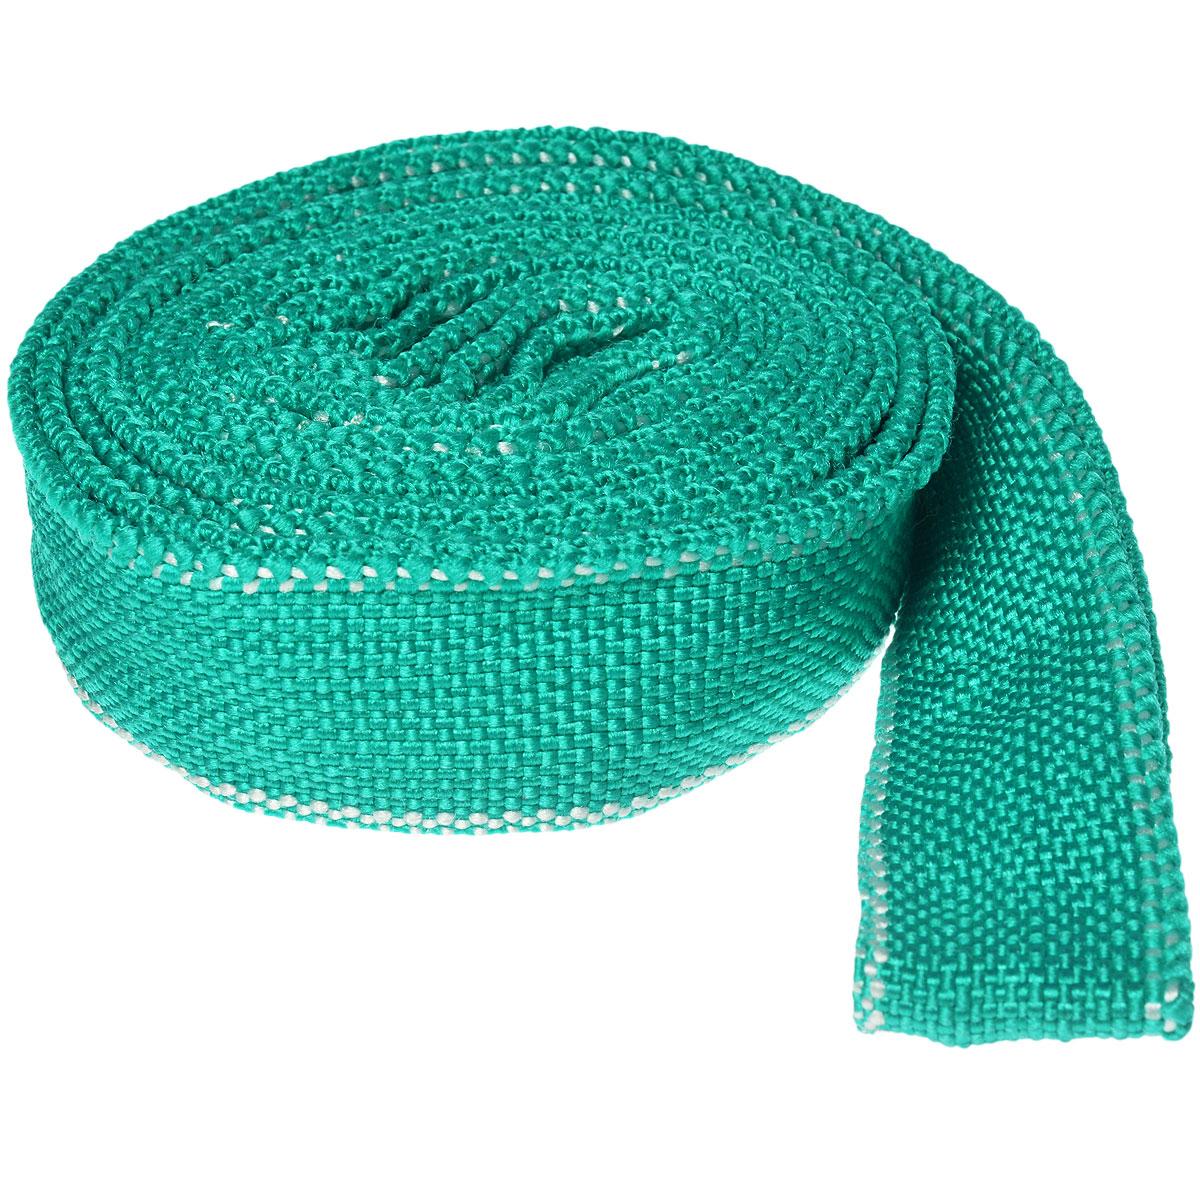 Трос буксировочный Sapfire, цвет: зеленый, 7 т, 6 м1770-STSЛенточный трос Sapfire предназначен для буксировки автомобилей. Выполнен из прочного материала, что обеспечивает долгий срок эксплуатации.Длина троса: 6 м.Ширина троса: 5 см.Максимальная нагрузка: 7000 кг.